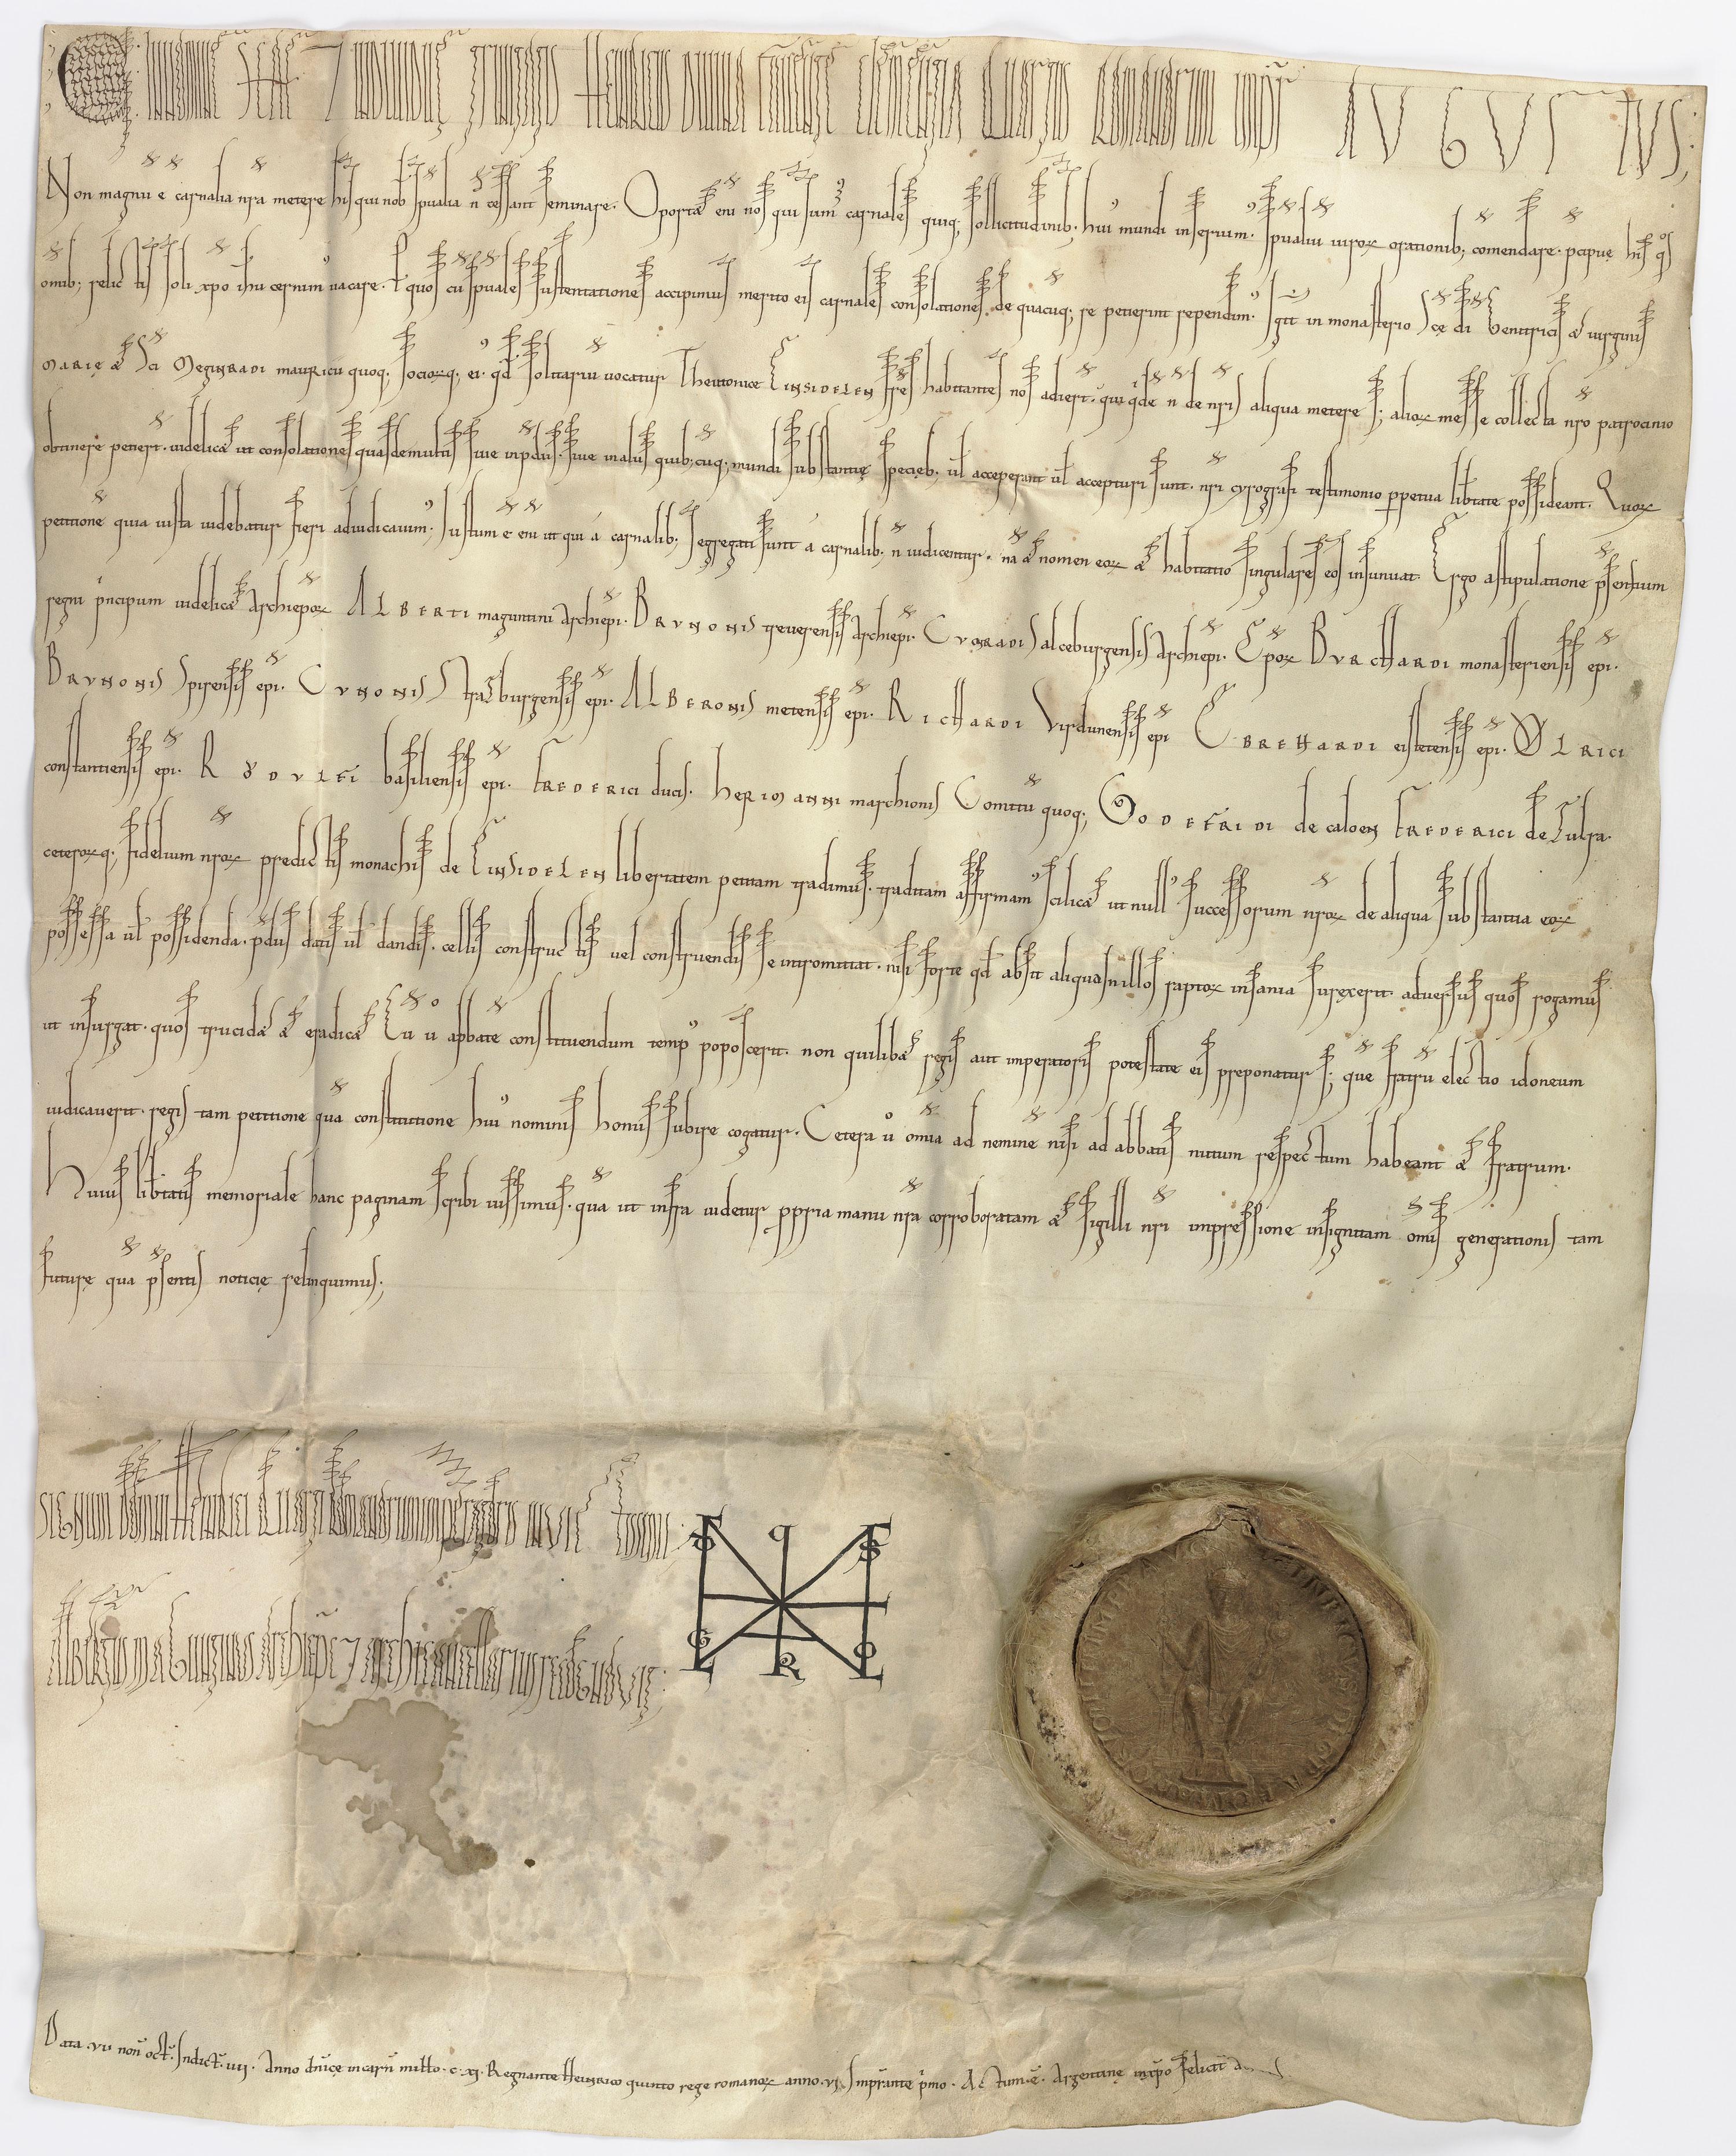 Diplôme de l'empereur Henri V pour Einsiedeln en 1111